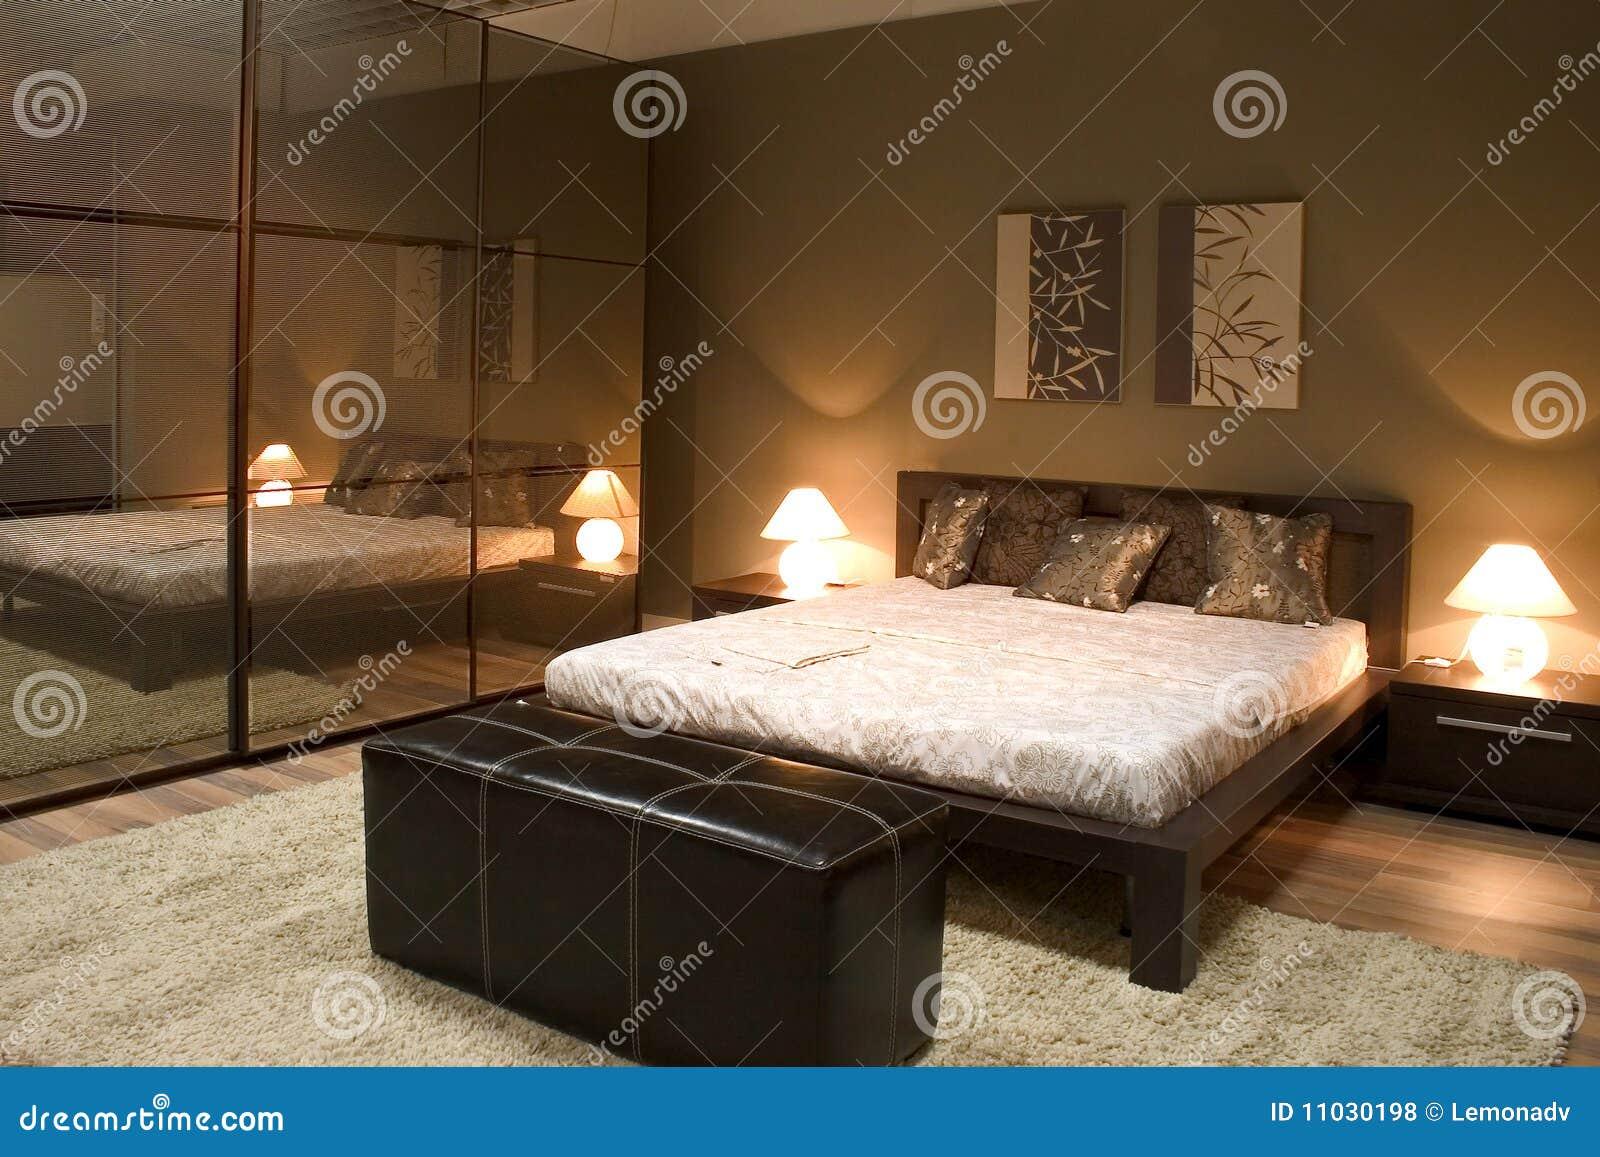 Mondo convenienza camerette soppalco a tre - Specchi arredo camera da letto ...